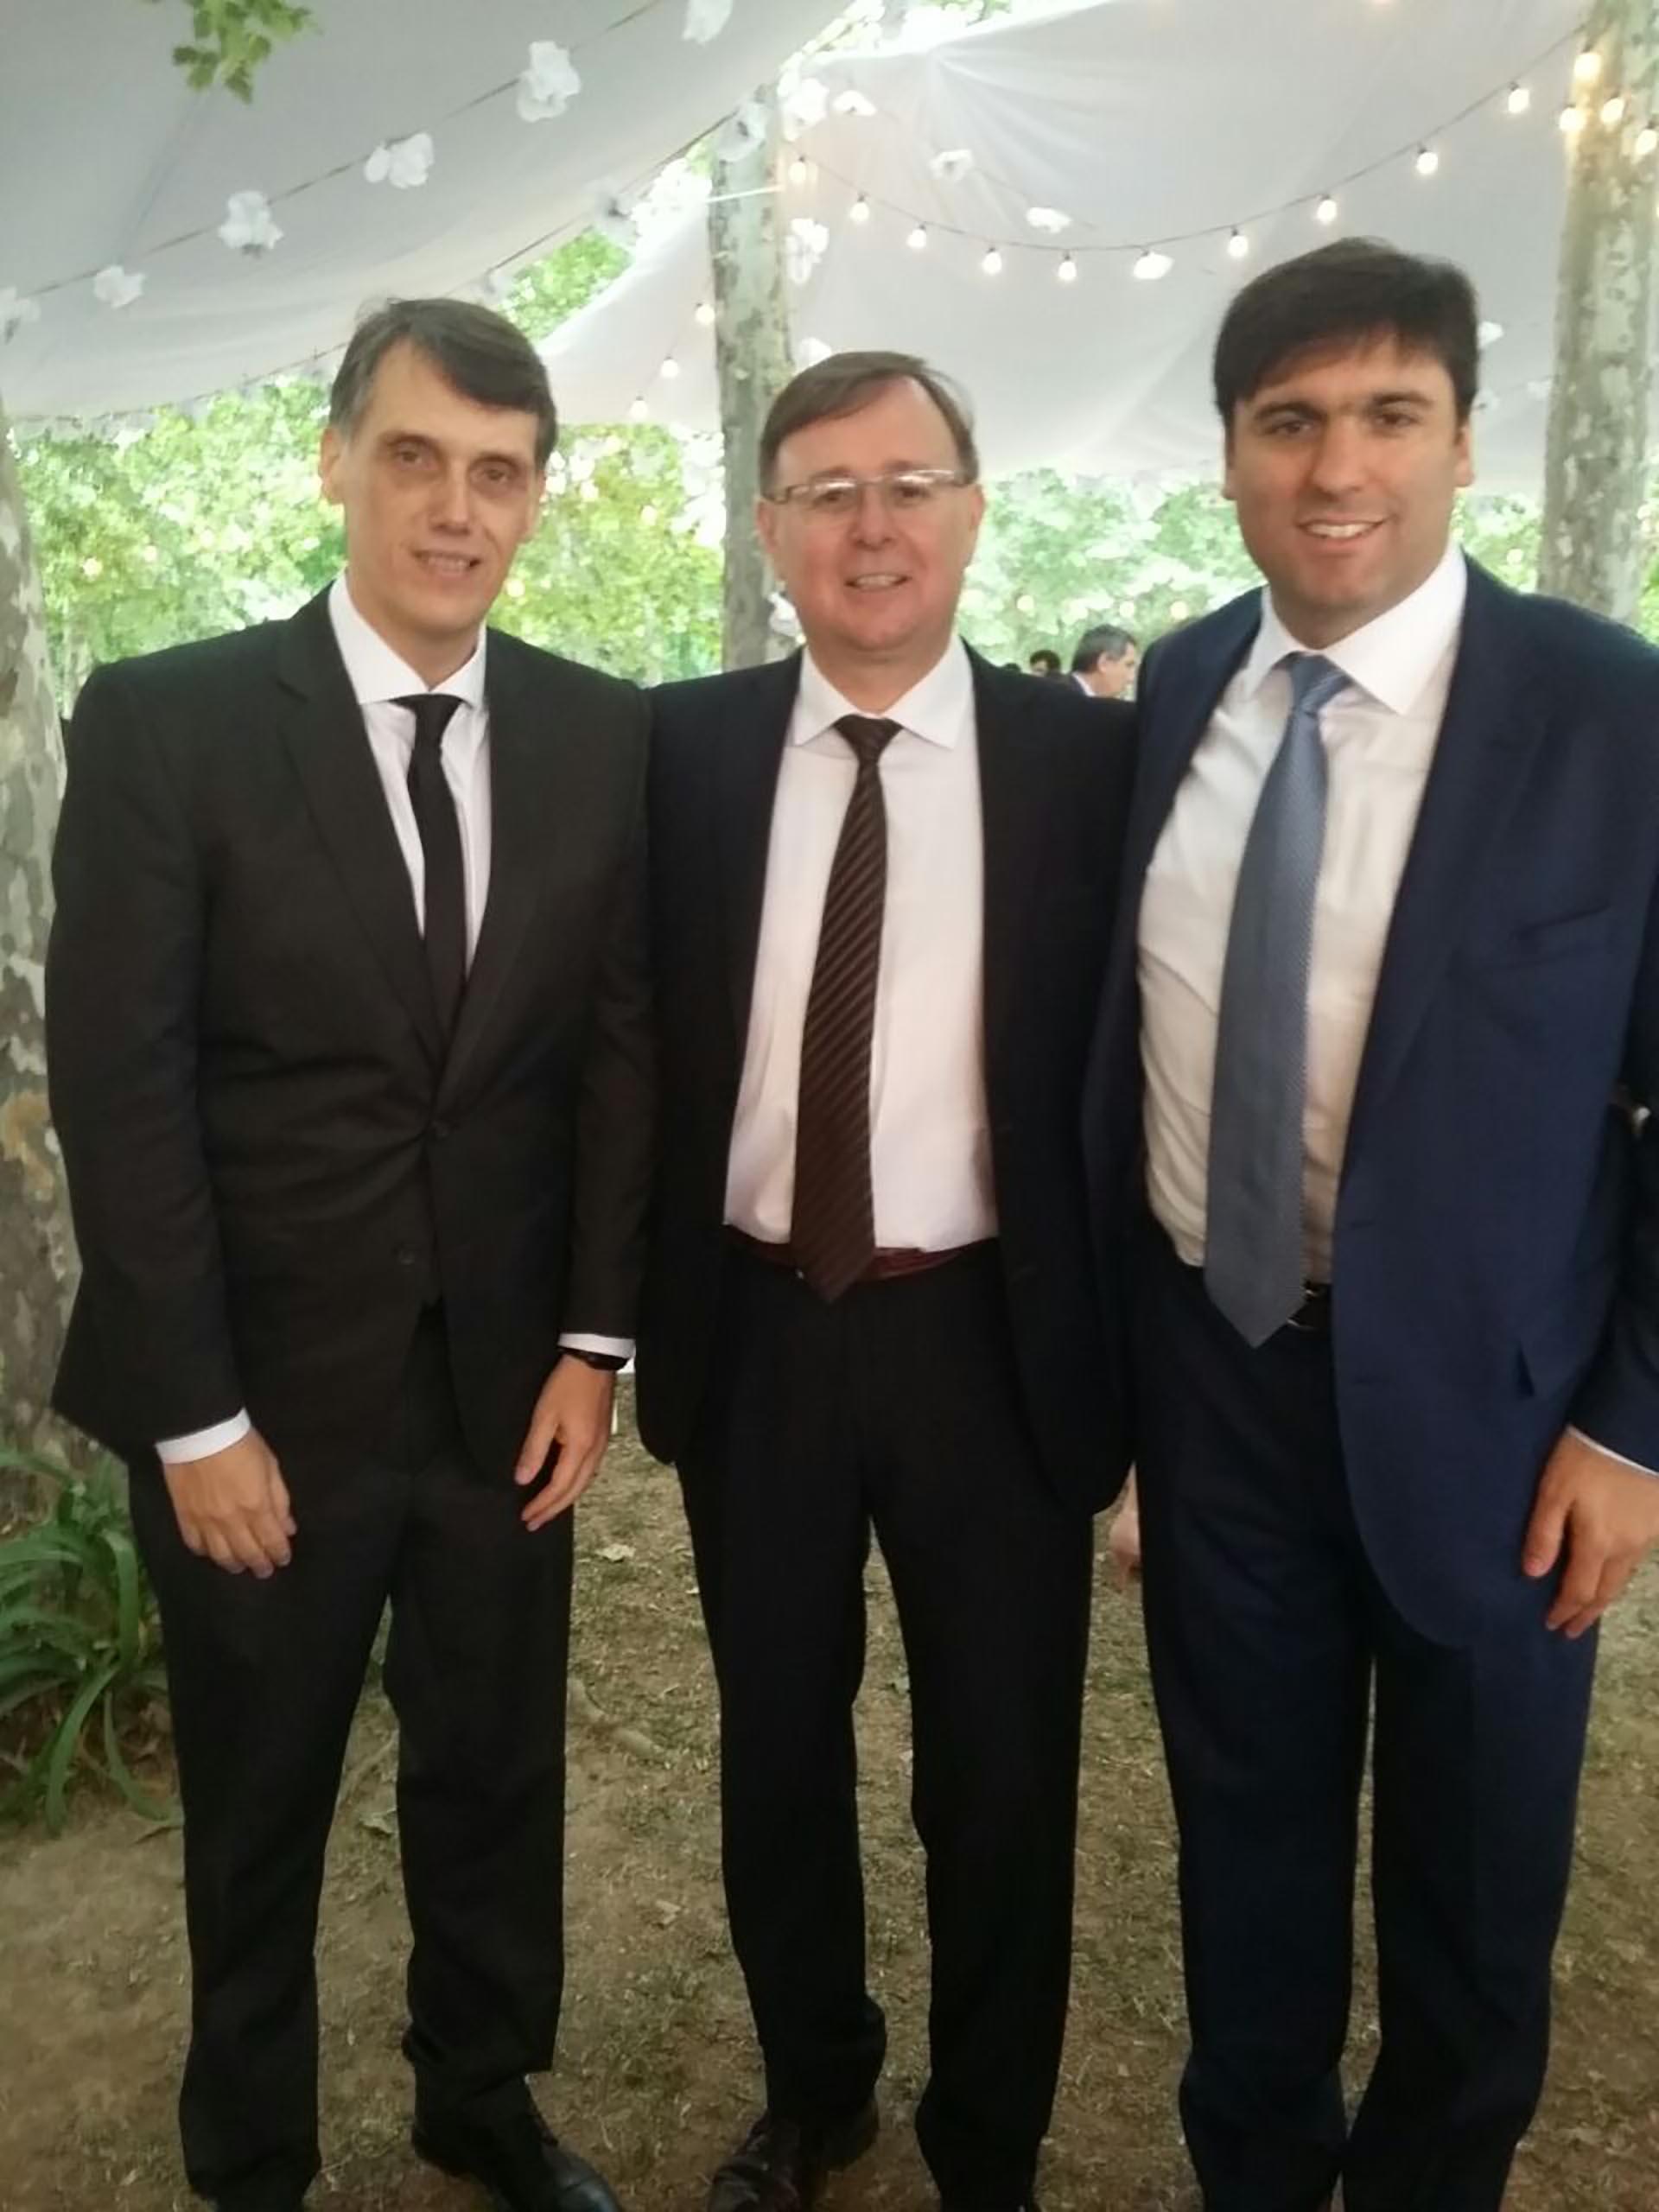 Los diputados Pablo Kosiner, Oscar Romero y Diego Bossio.